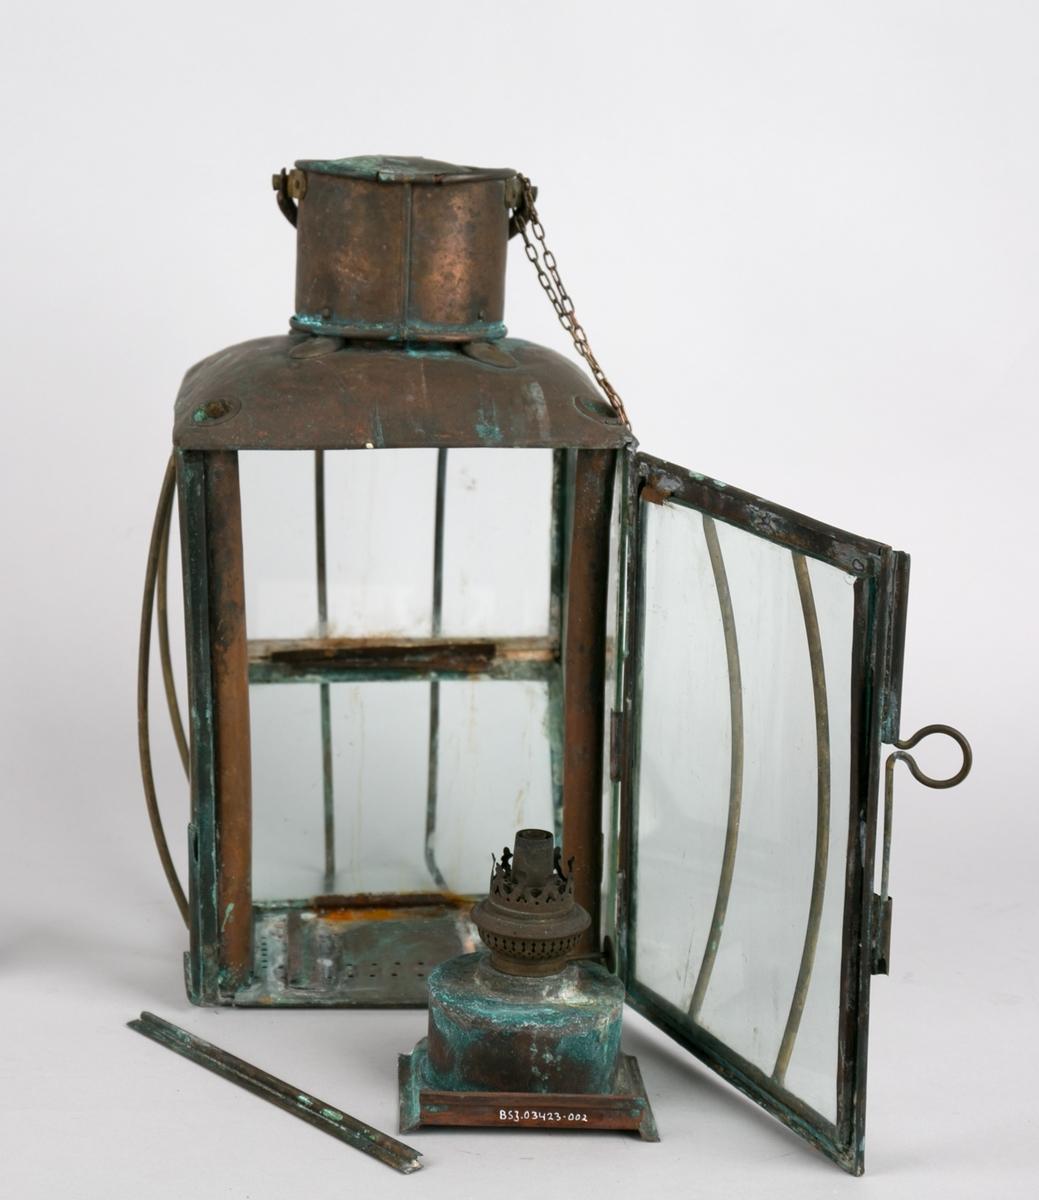 Del av lanterne. Parafinbrenner/oljebrenner for veke (mangler). Brenner montertes i spor i bunnen på lanternen.